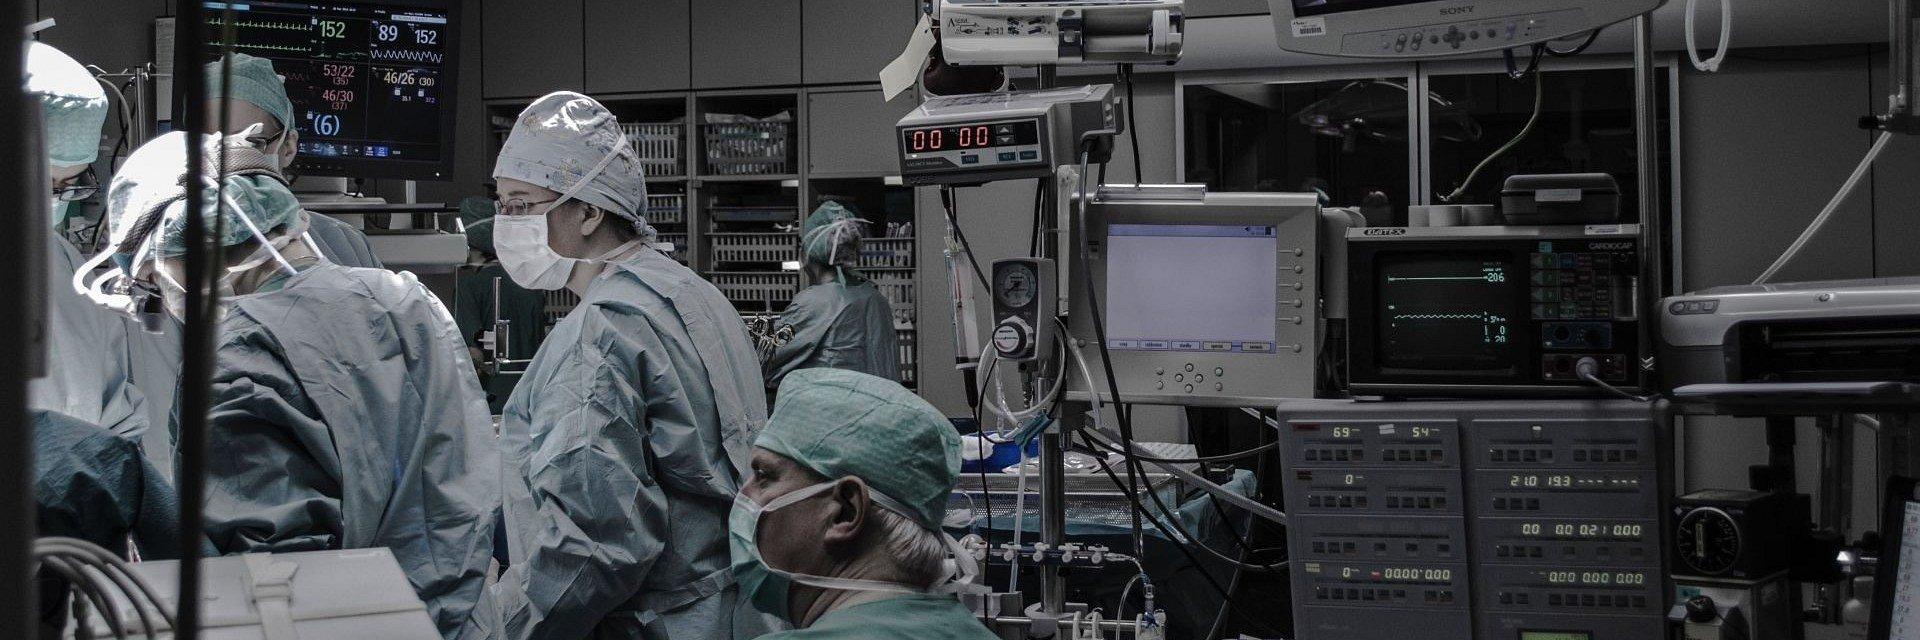 Emplobot od Emplocity wkracza na rynek usług medycznych